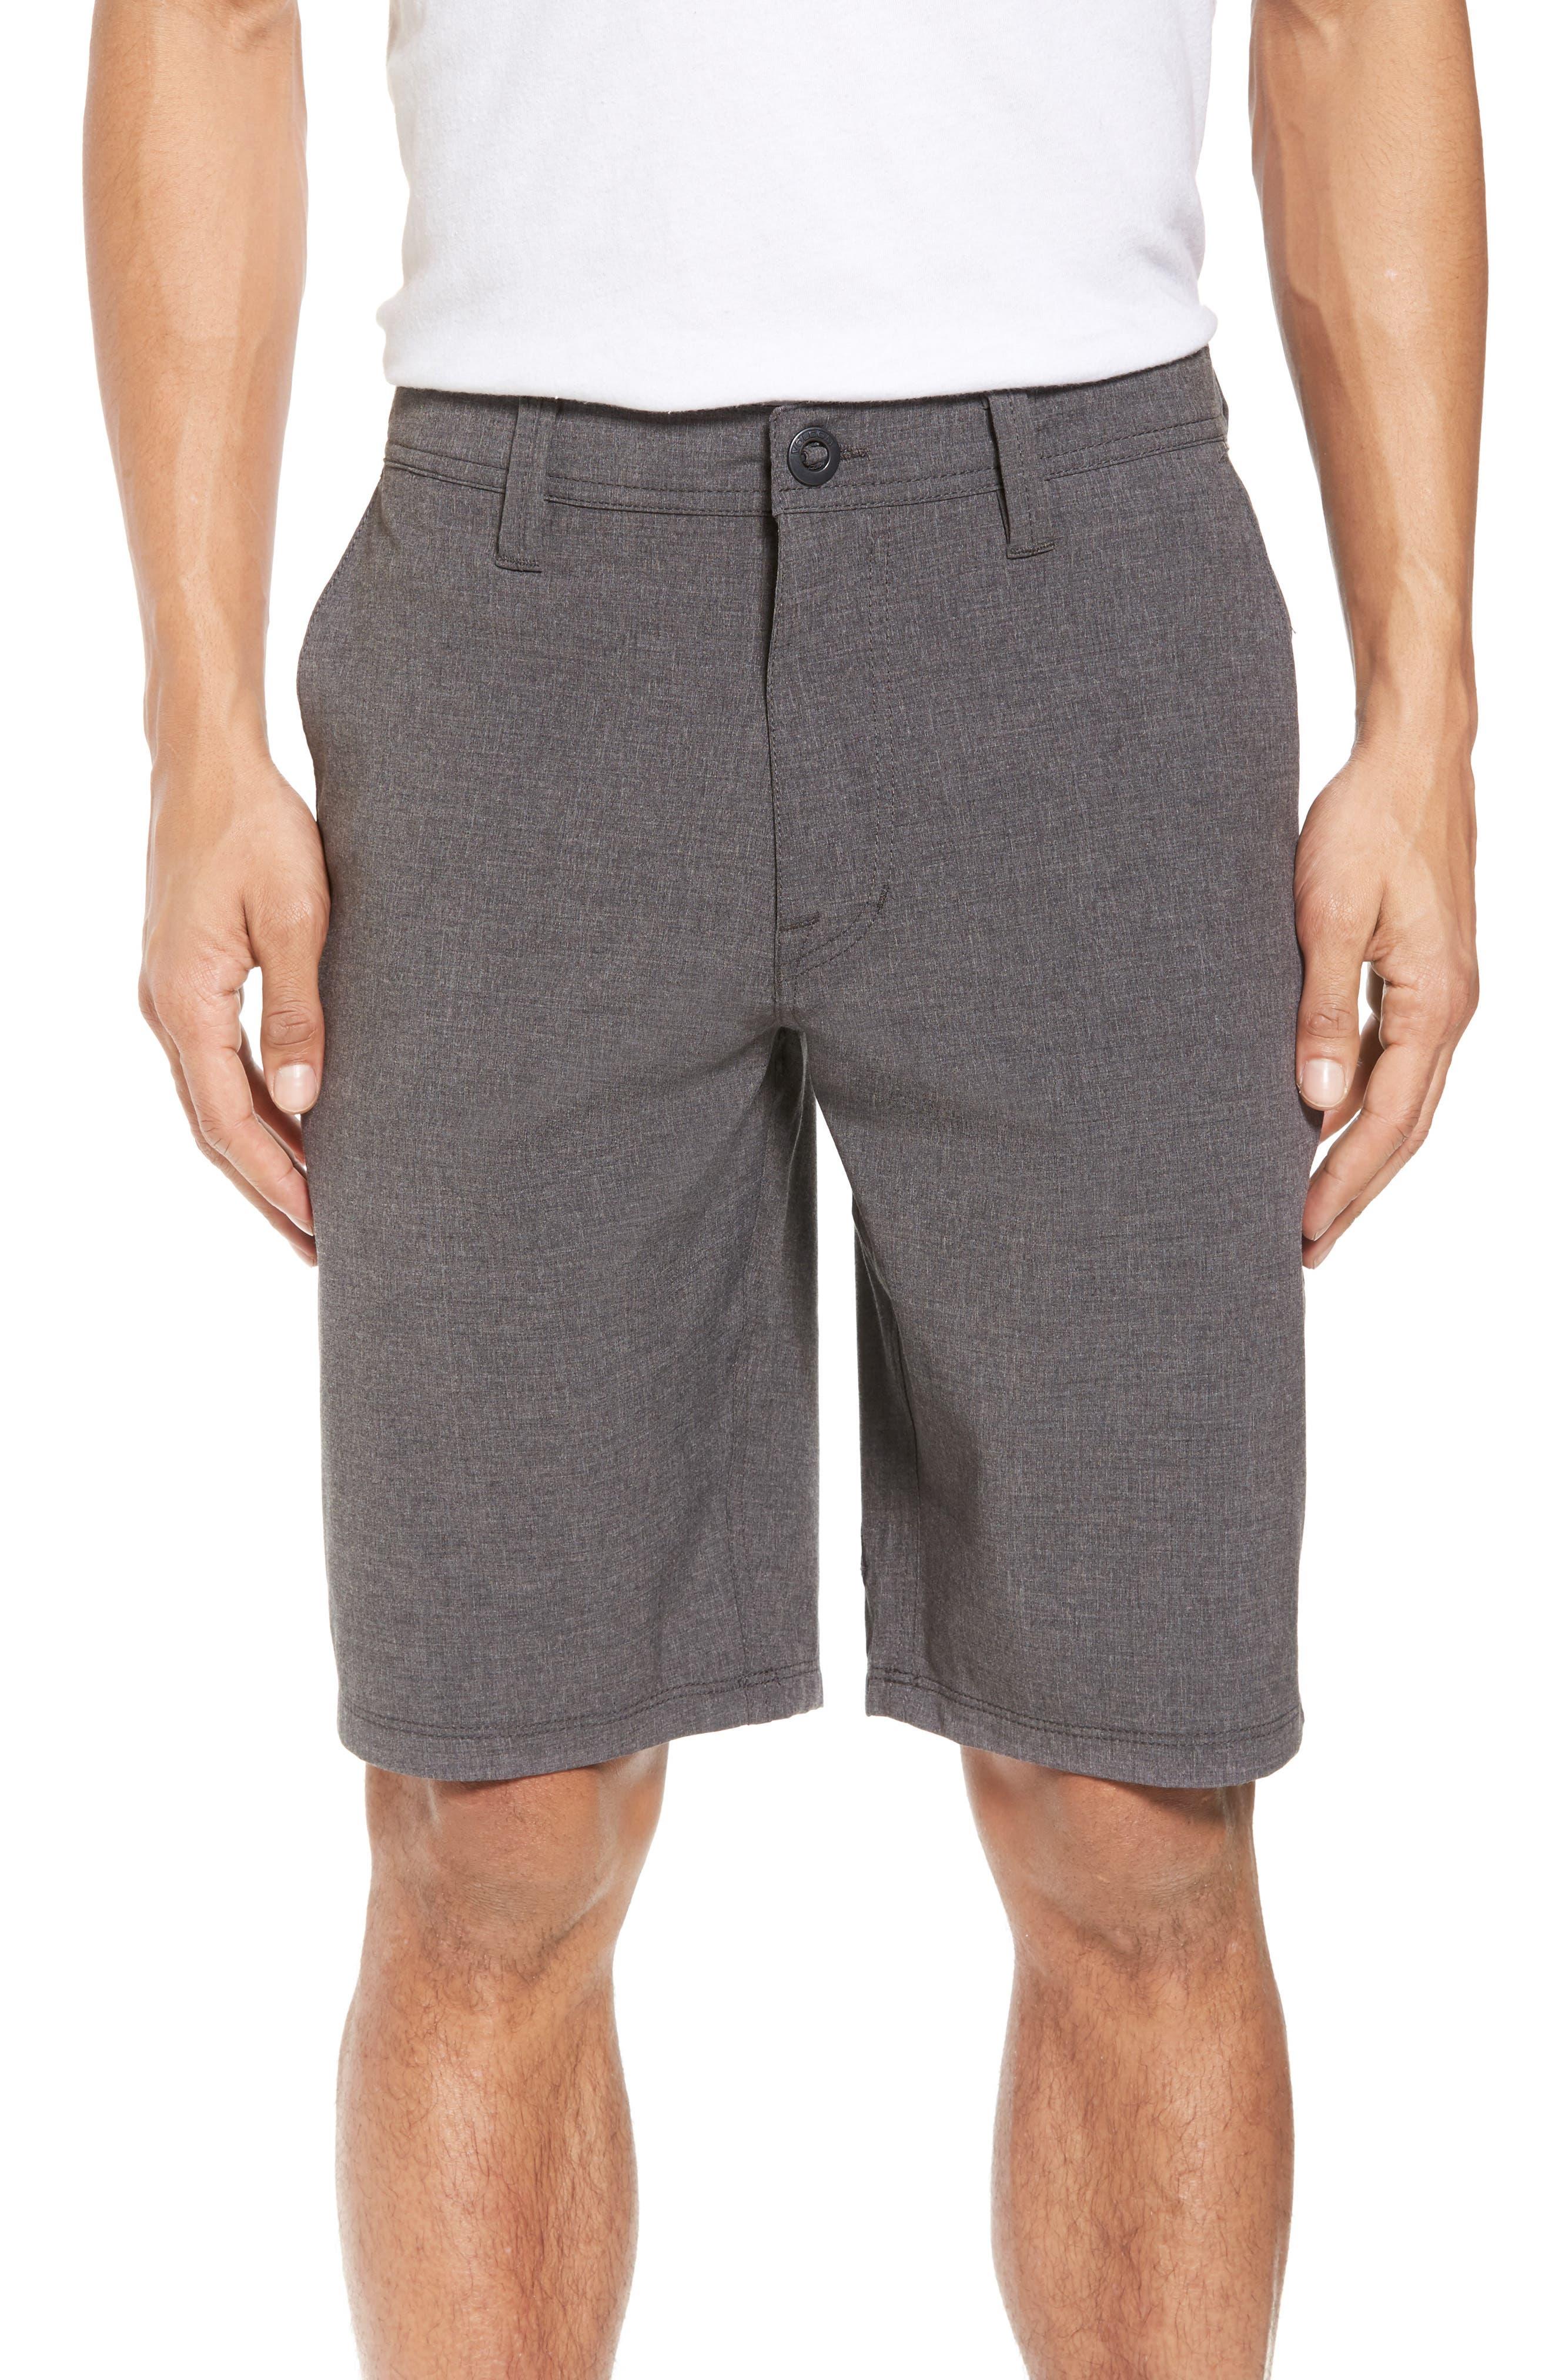 Hybrid Shorts,                             Main thumbnail 1, color,                             CHARCOAL